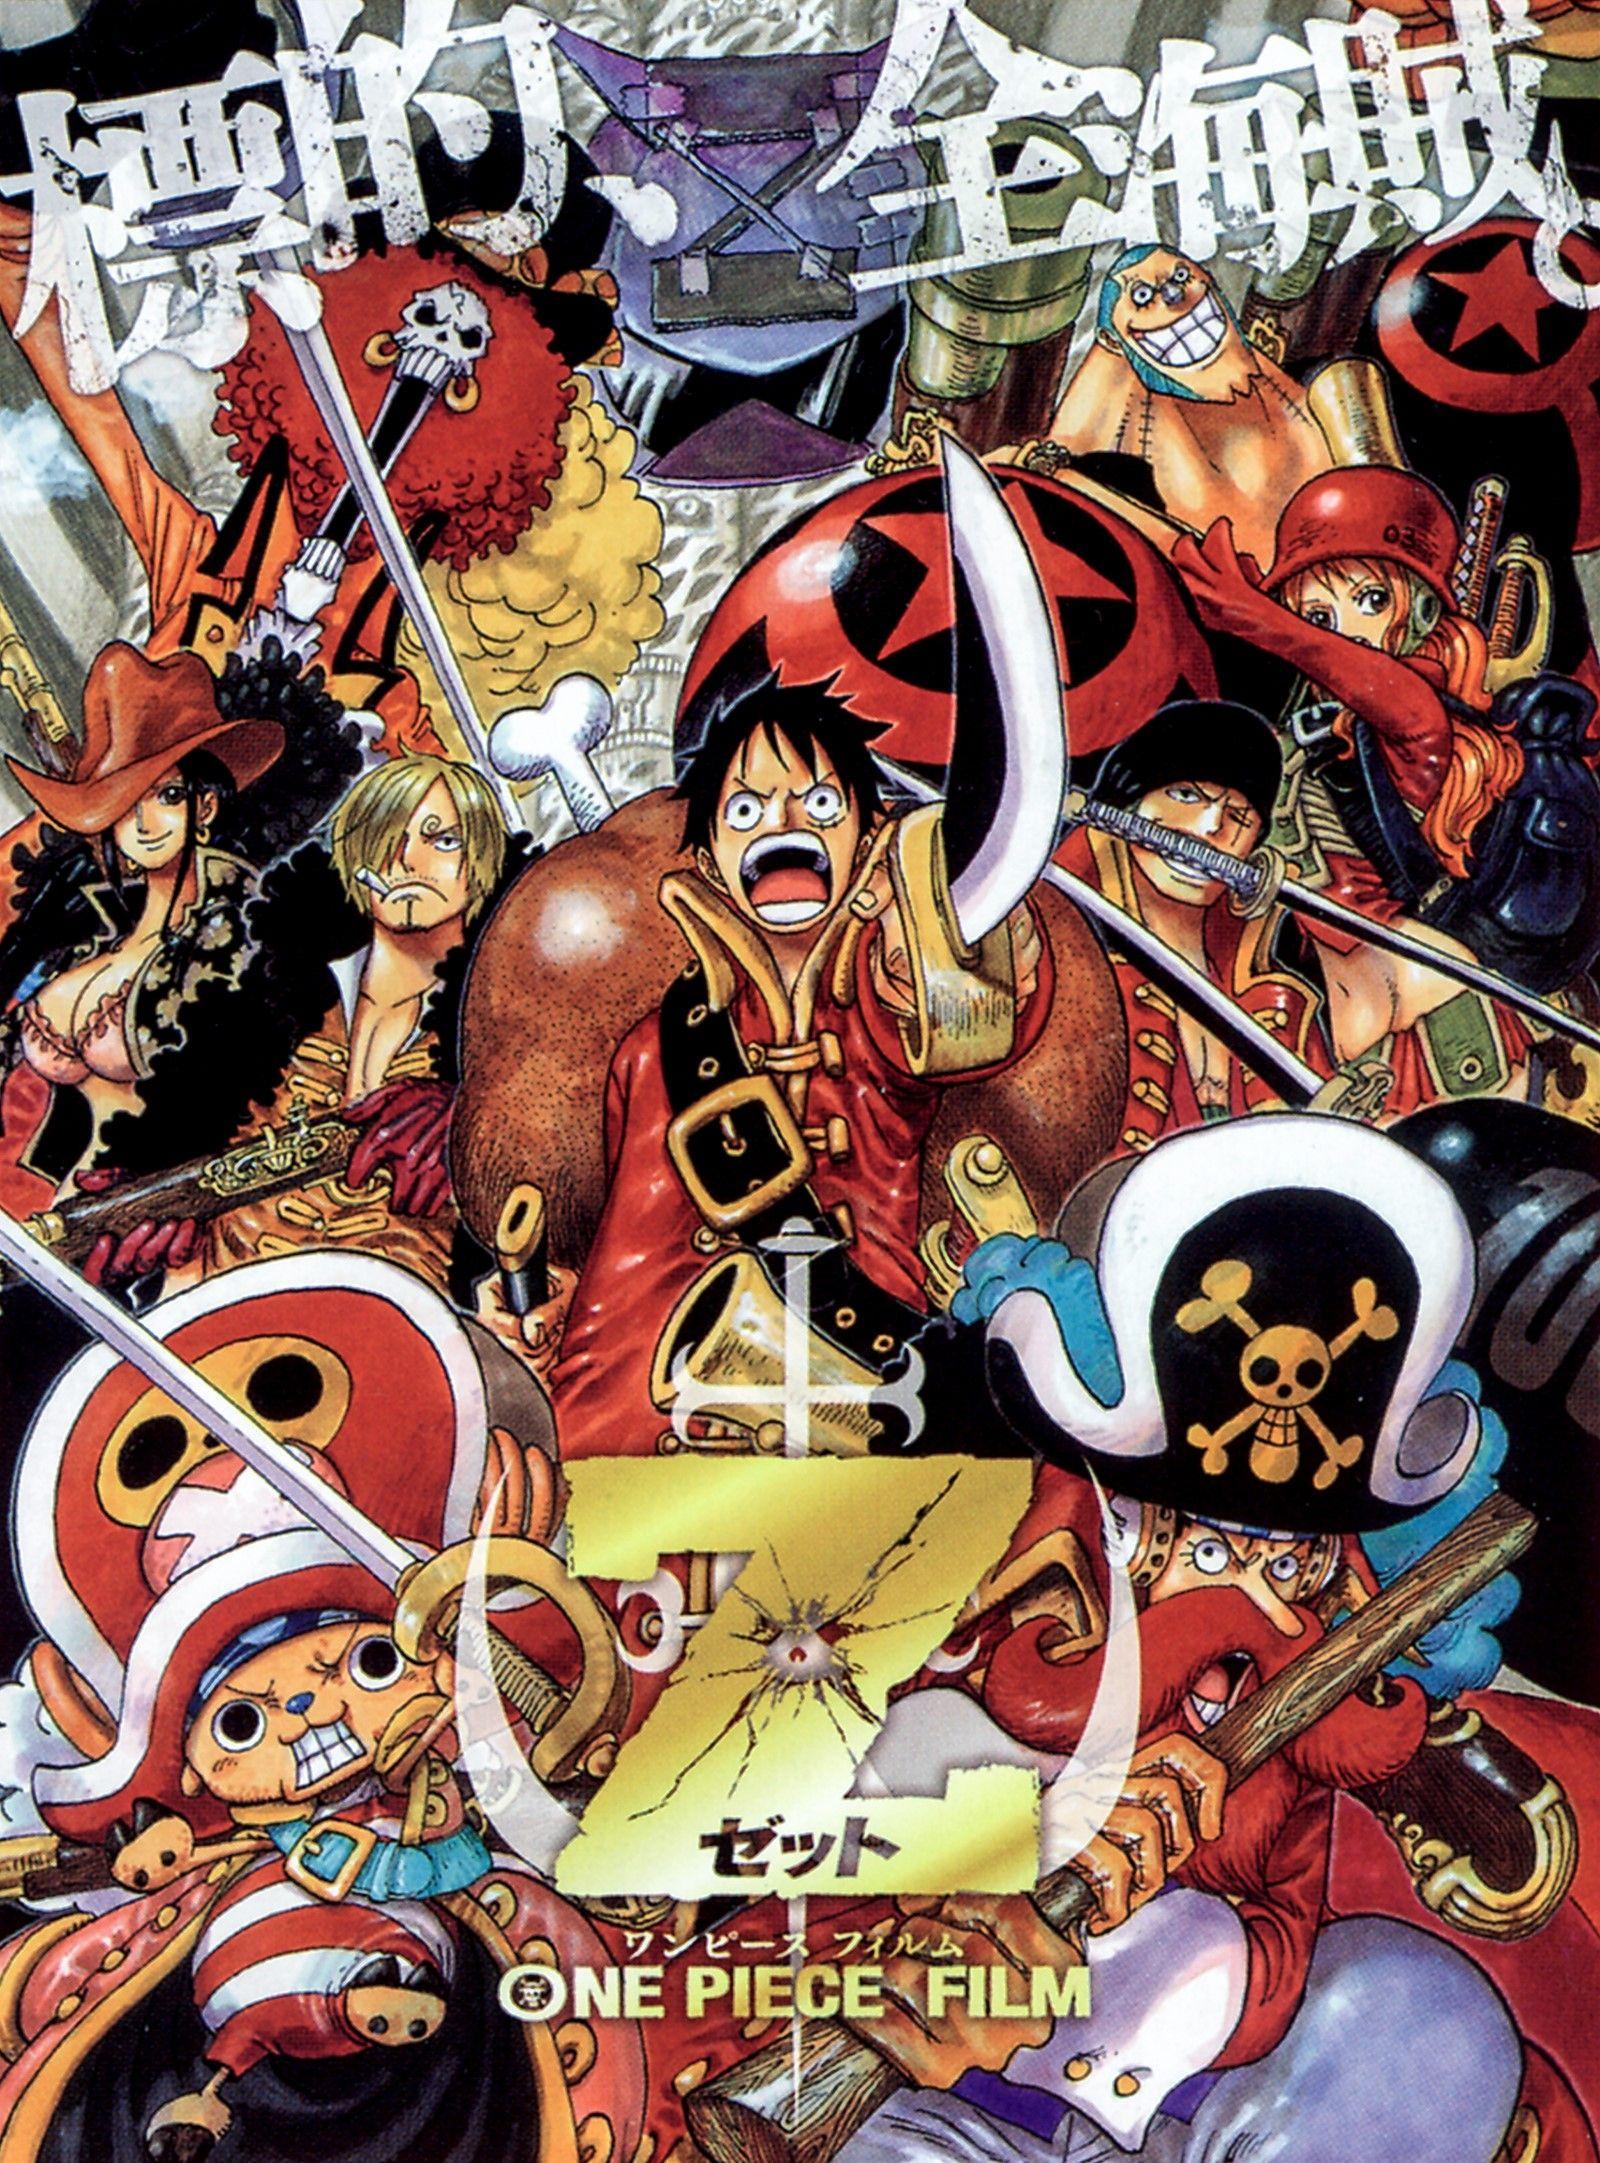 Pin by cj Smith on One Piece   One piece manga, One piece